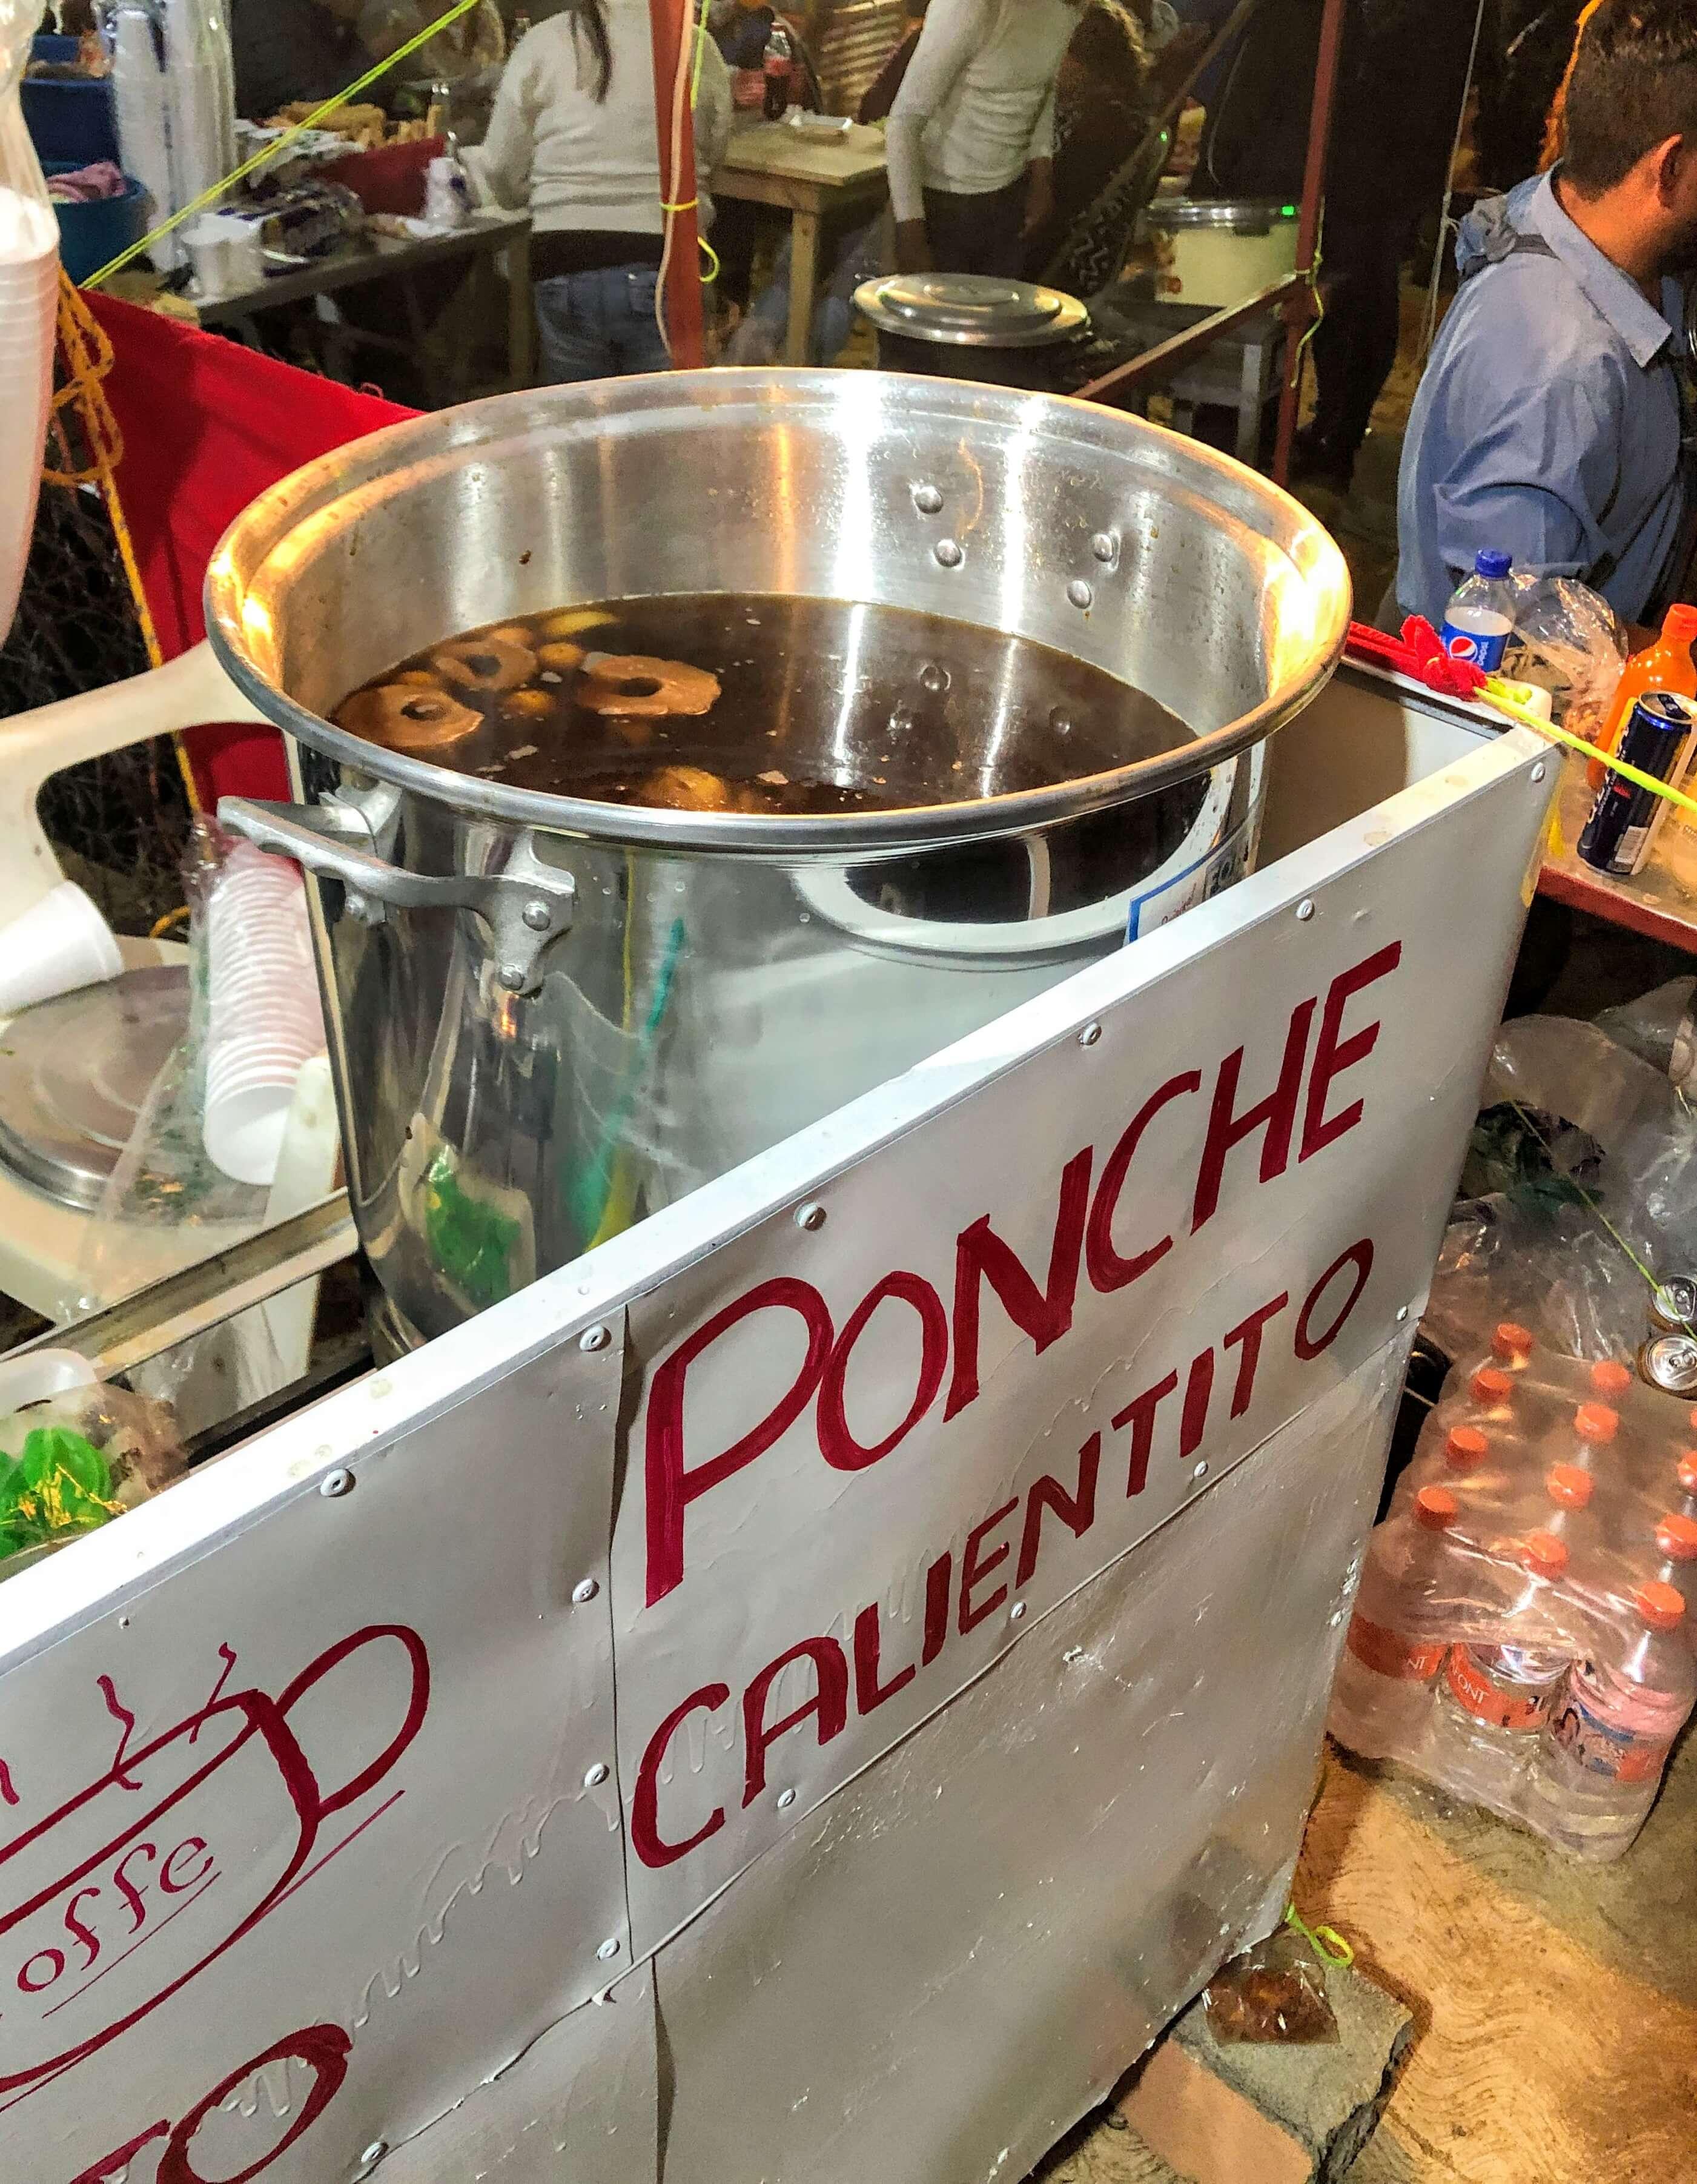 ponche de navidad in Mexico